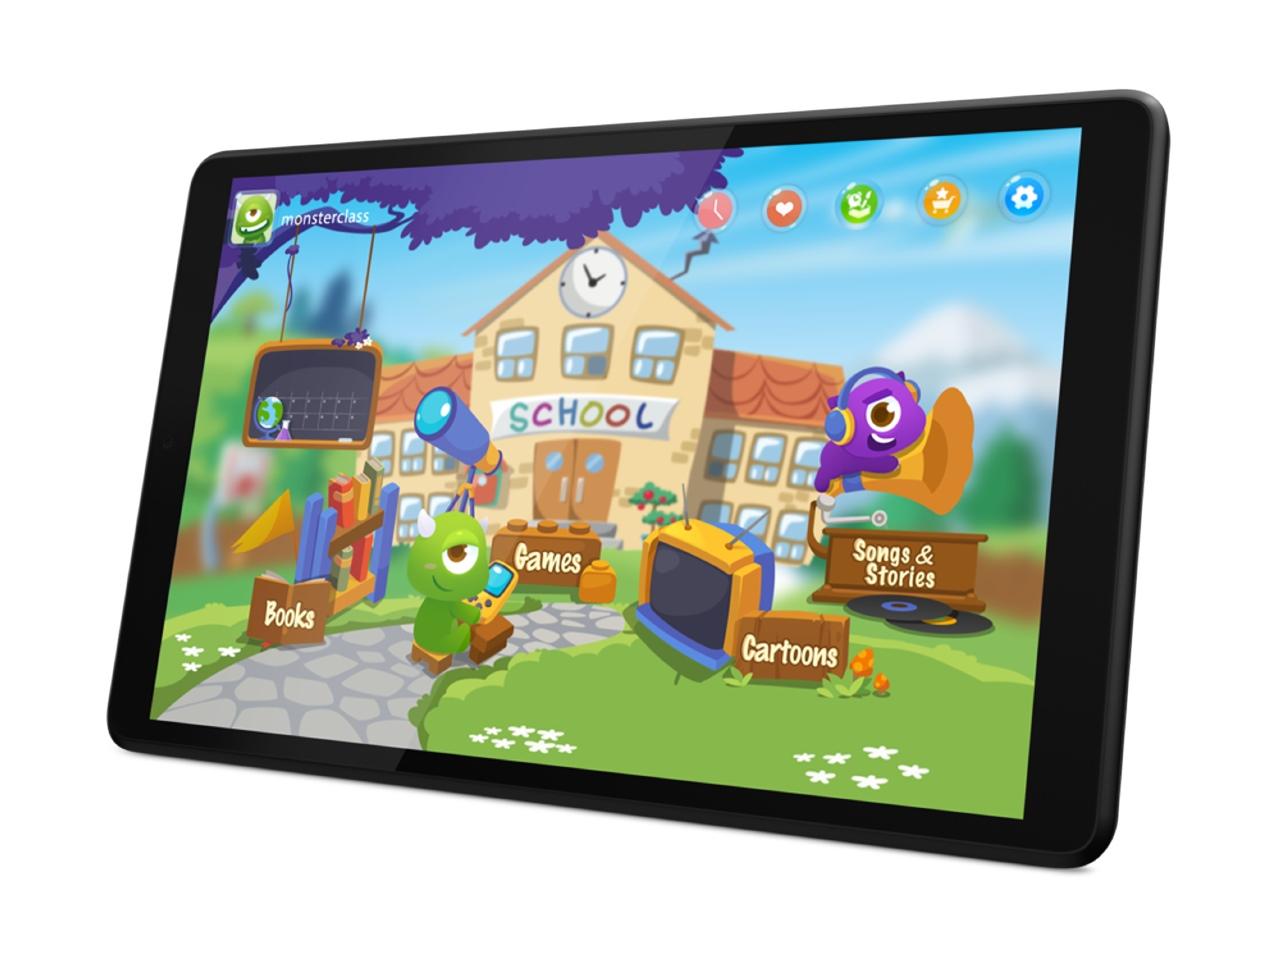 Lenovo ra mắt Tab M8 tại Việt Nam: Máy tính bảng có 4G, vỏ kim loại, loa kép, giá 3,7 triệu đồng